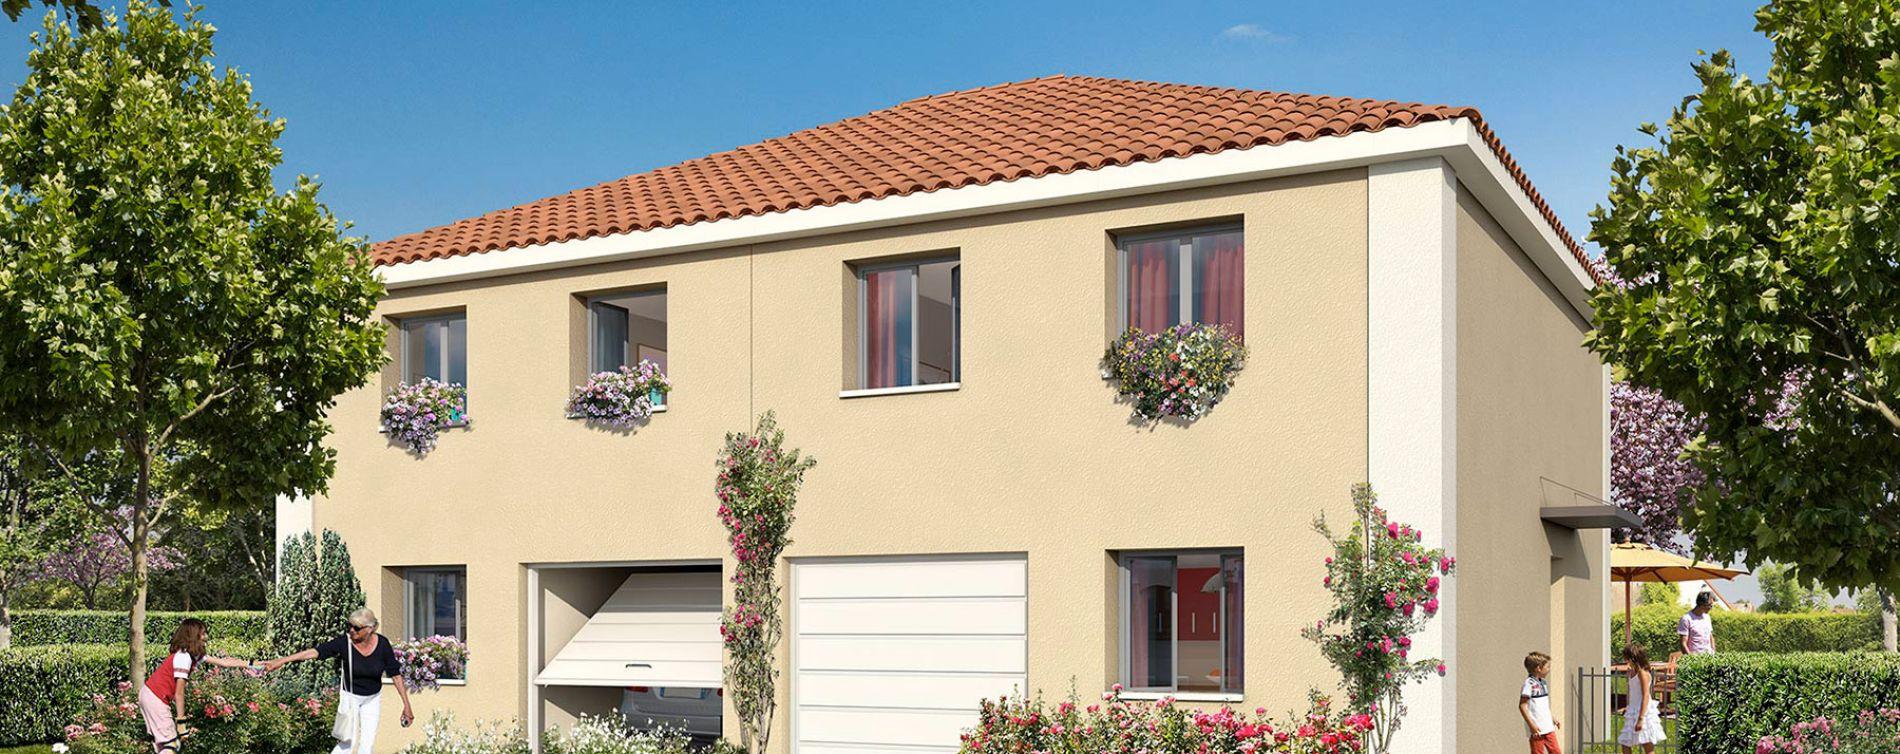 Pont-Évêque : programme immobilier neuve « Le Domaine d'Elise IV » (4)